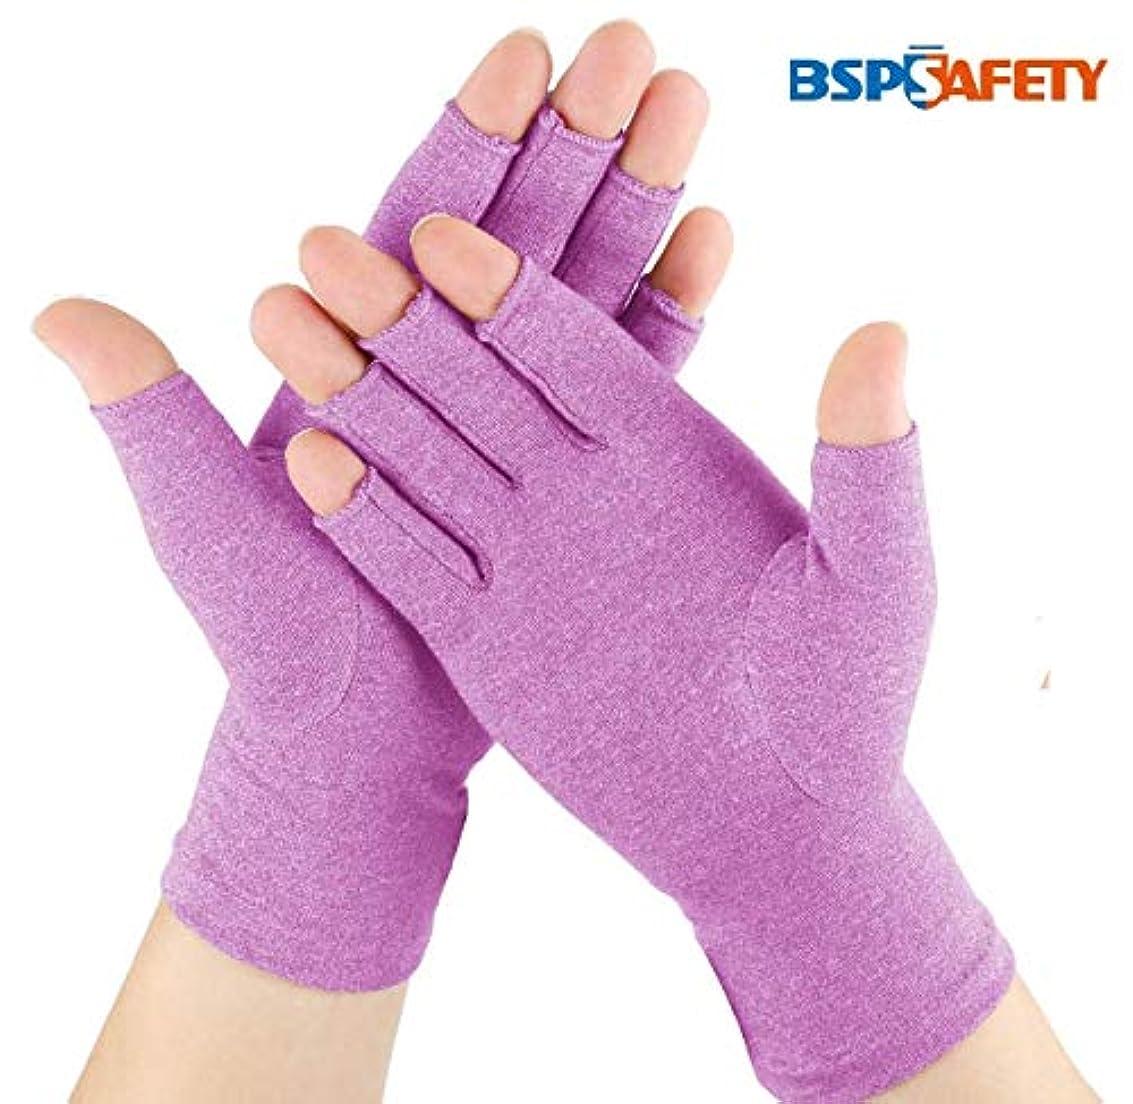 アートアンプ寄付Original with Arthritis Foundation Ease of Use Seal Compression Gloves, Arthritis Glove